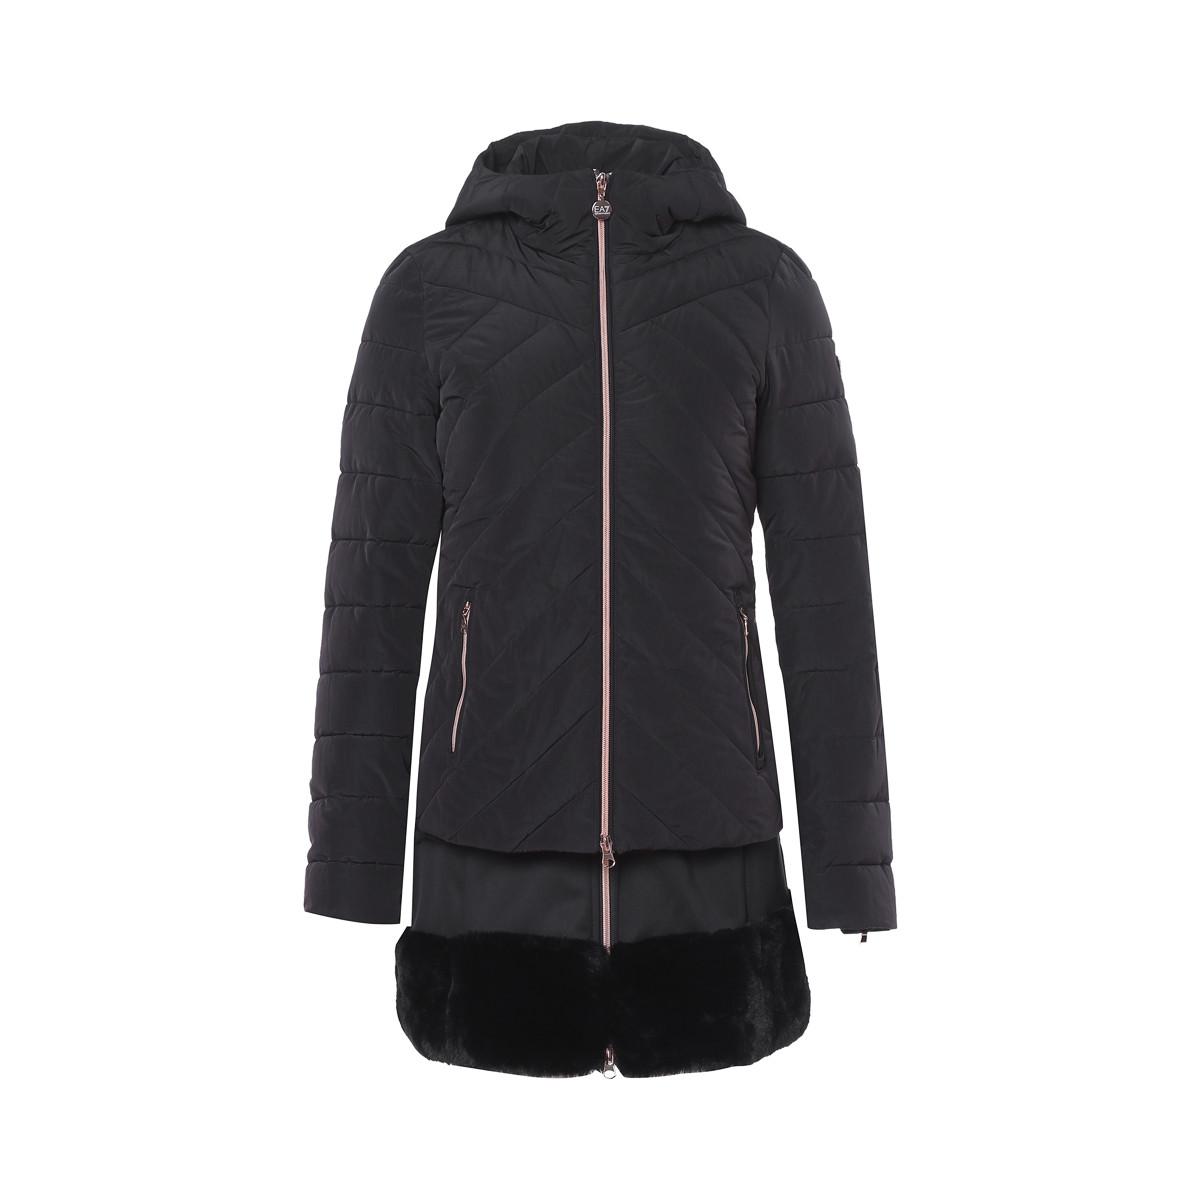 EA7女款时尚百搭两件套长袖外套6ZTL04TNG9Z1200